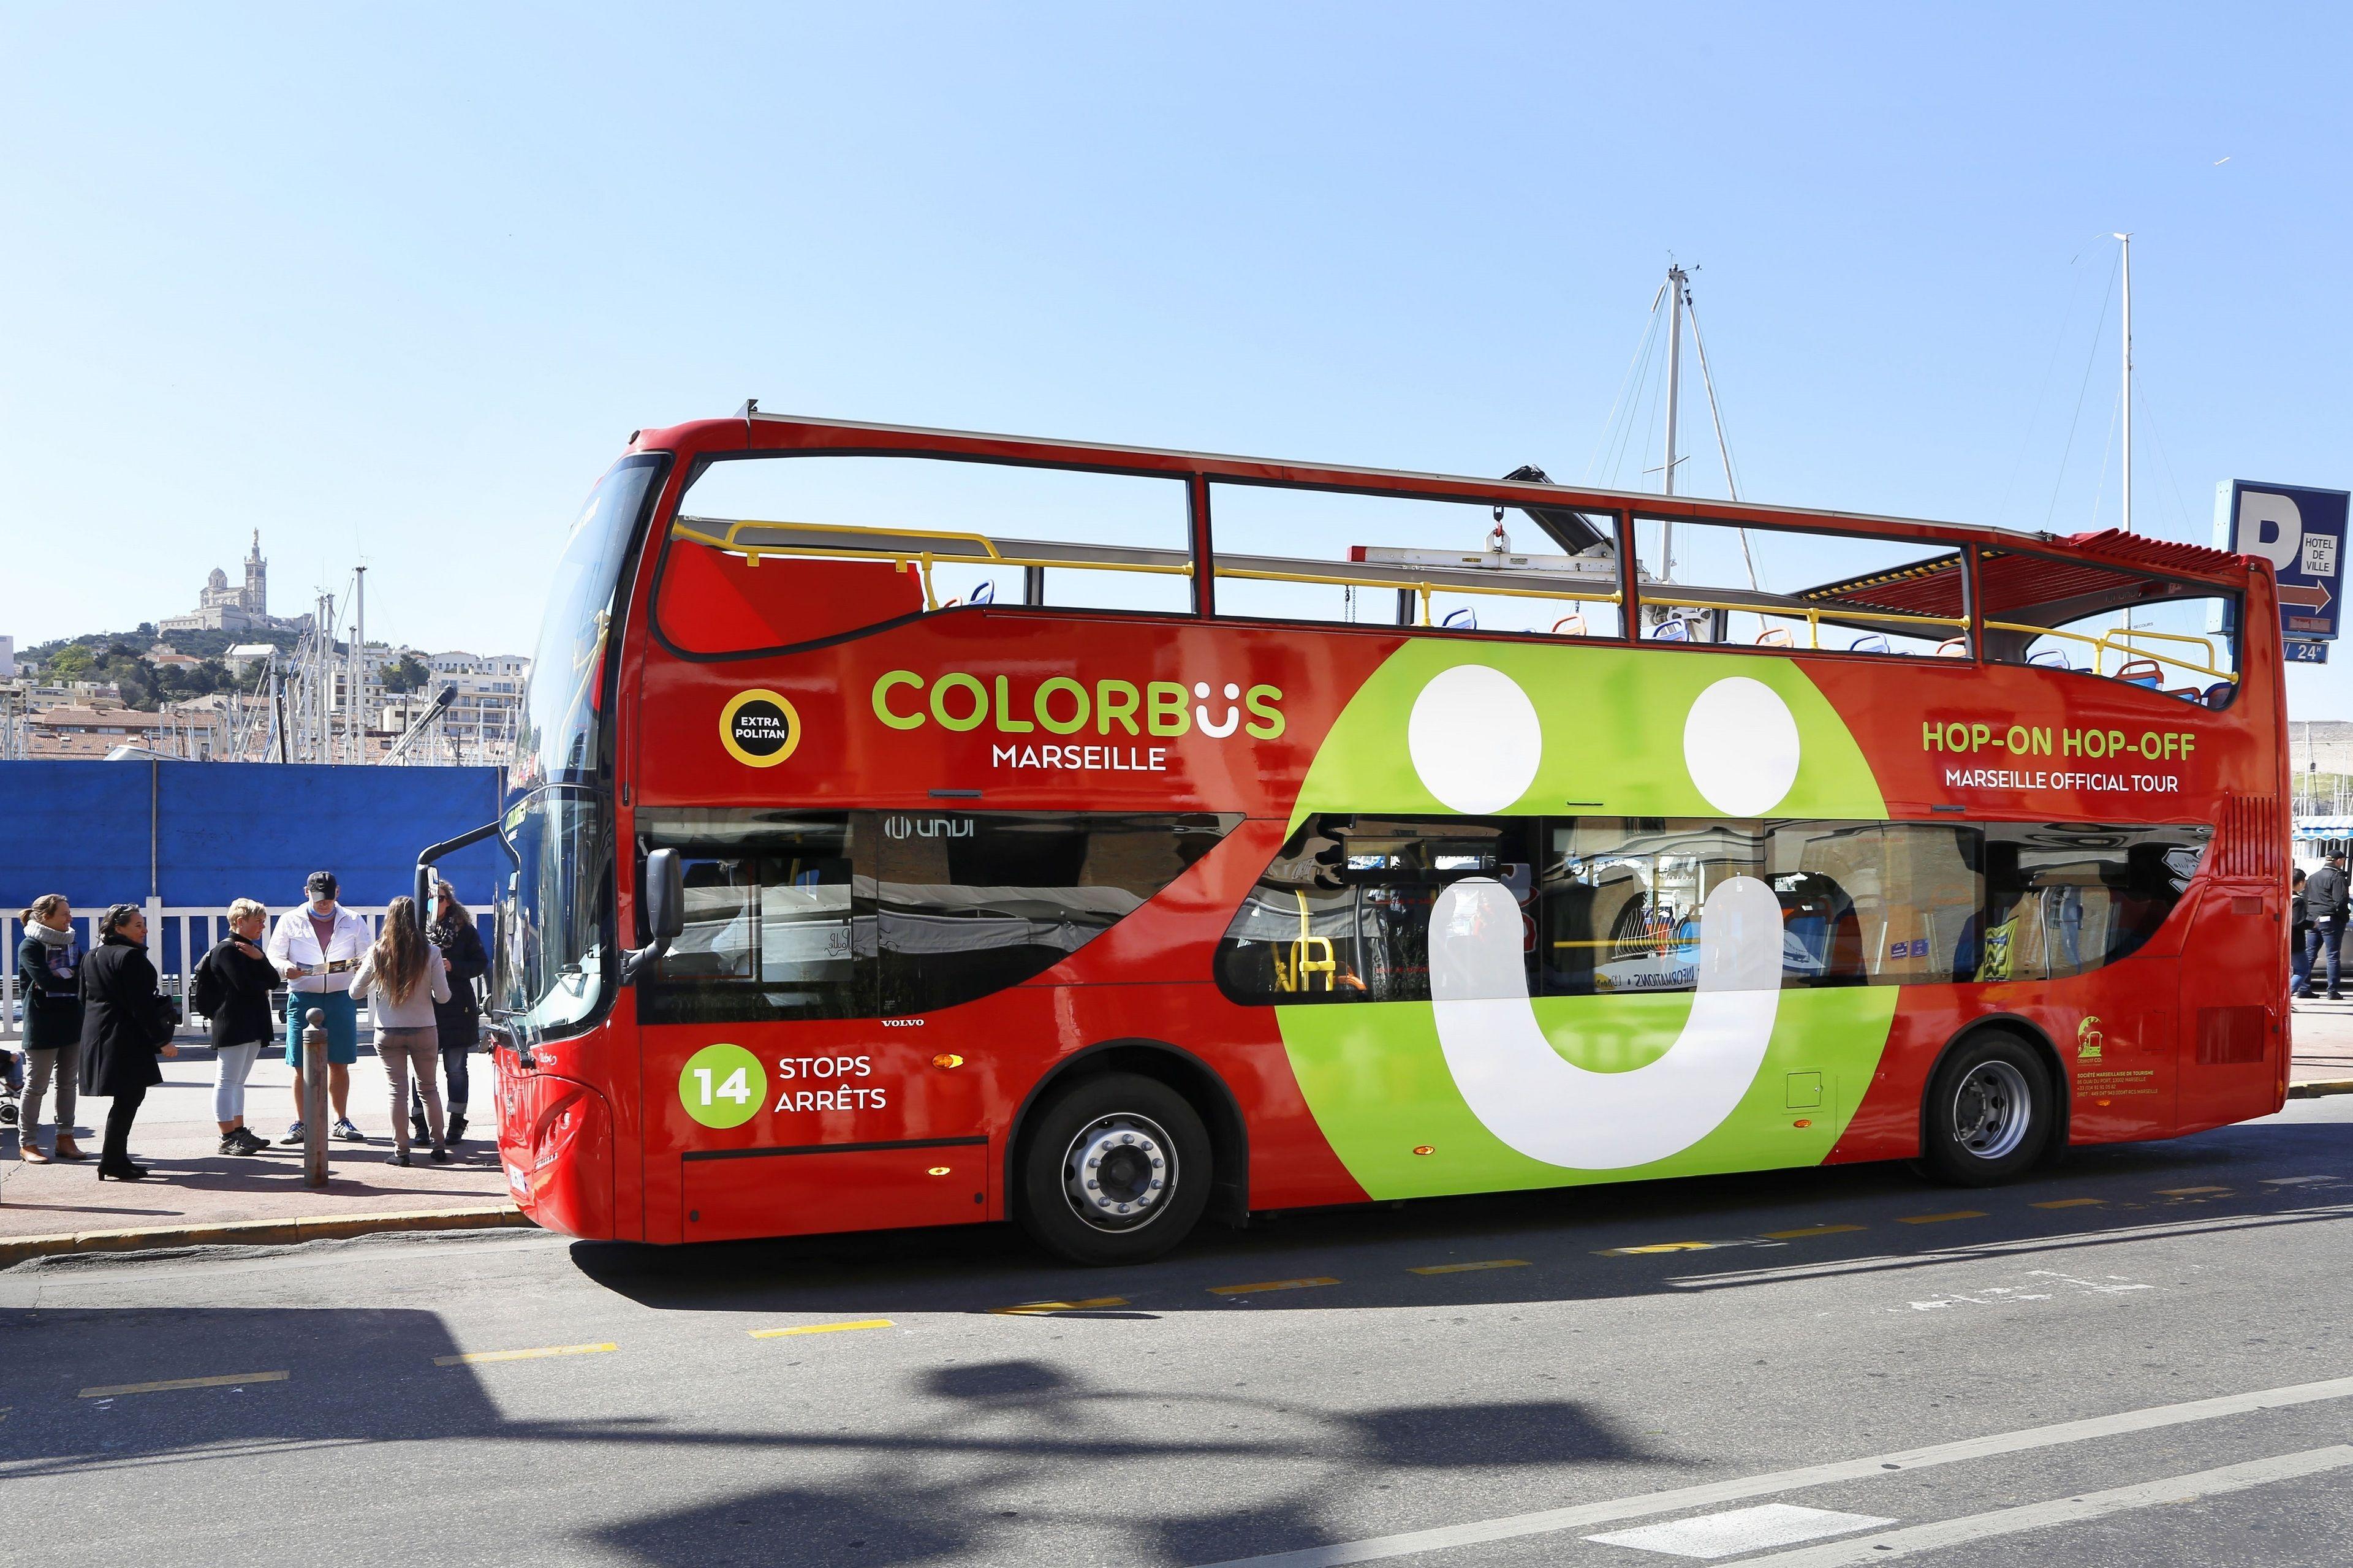 Circuit touristique à Marseille à bord d'un bus à arrêt multiple Colorbüs M...